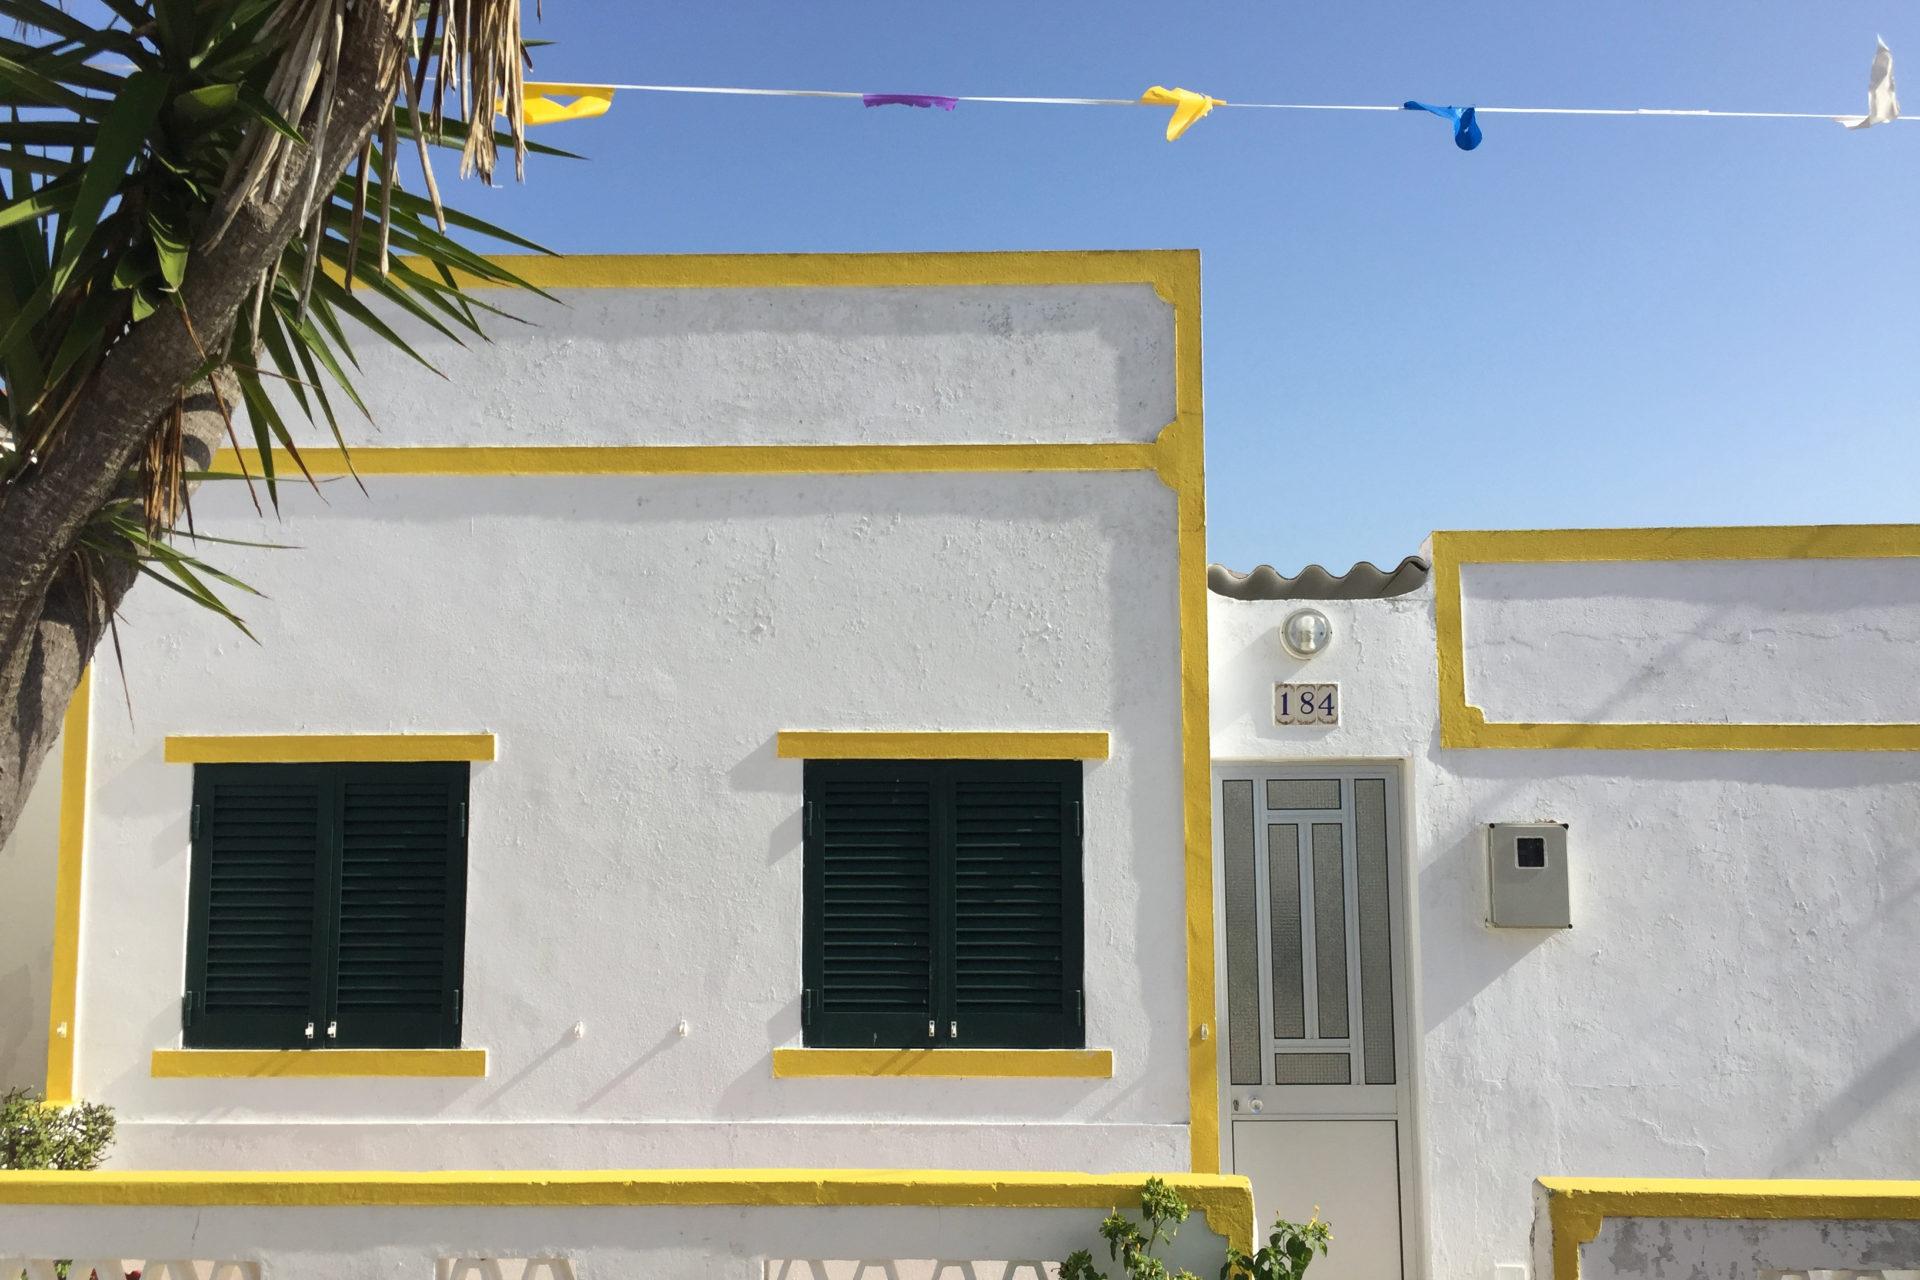 Wohnhaus mit gelber Fensterumrandung an der Algarve